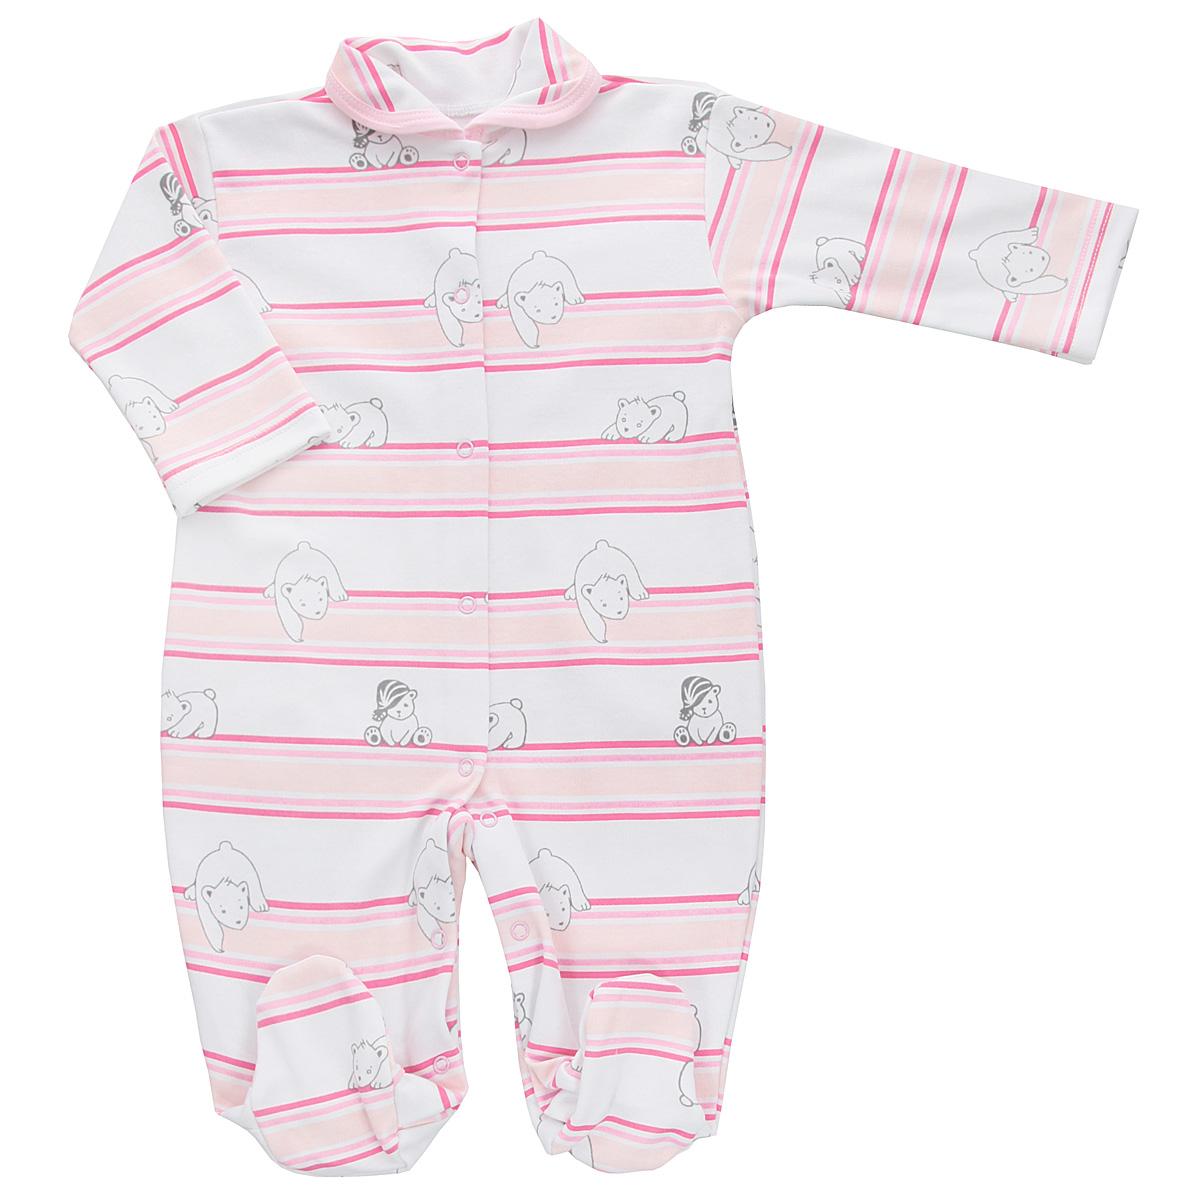 Комбинезон детский Трон-плюс, цвет: белый, розовый. 5815_мишка, полоска. Размер 74, 9 месяцев5815_мишка, полоскаДетский комбинезон Трон-Плюс - очень удобный и практичный вид одежды для малышей. Комбинезон выполнен из интерлока - натурального хлопка, благодаря чему он необычайно мягкий и приятный на ощупь, не раздражает нежную кожу ребенка, и хорошо вентилируются, а эластичные швы приятны телу младенца и не препятствуют его движениям. Комбинезон с длинными рукавами, закрытыми ножками и отложным воротничком имеет застежки-кнопки от горловины до щиколоток, которые помогают легко переодеть ребенка или сменить подгузник. Воротник по краю дополнен контрастной бейкой. Оформлено изделие принтом в полоску, а также изображениями медвежат. С детским комбинезоном спинка и ножки вашего крохи всегда будут в тепле, он идеален для использования днем и незаменим ночью. Комбинезон полностью соответствует особенностям жизни младенца в ранний период, не стесняя и не ограничивая его в движениях!